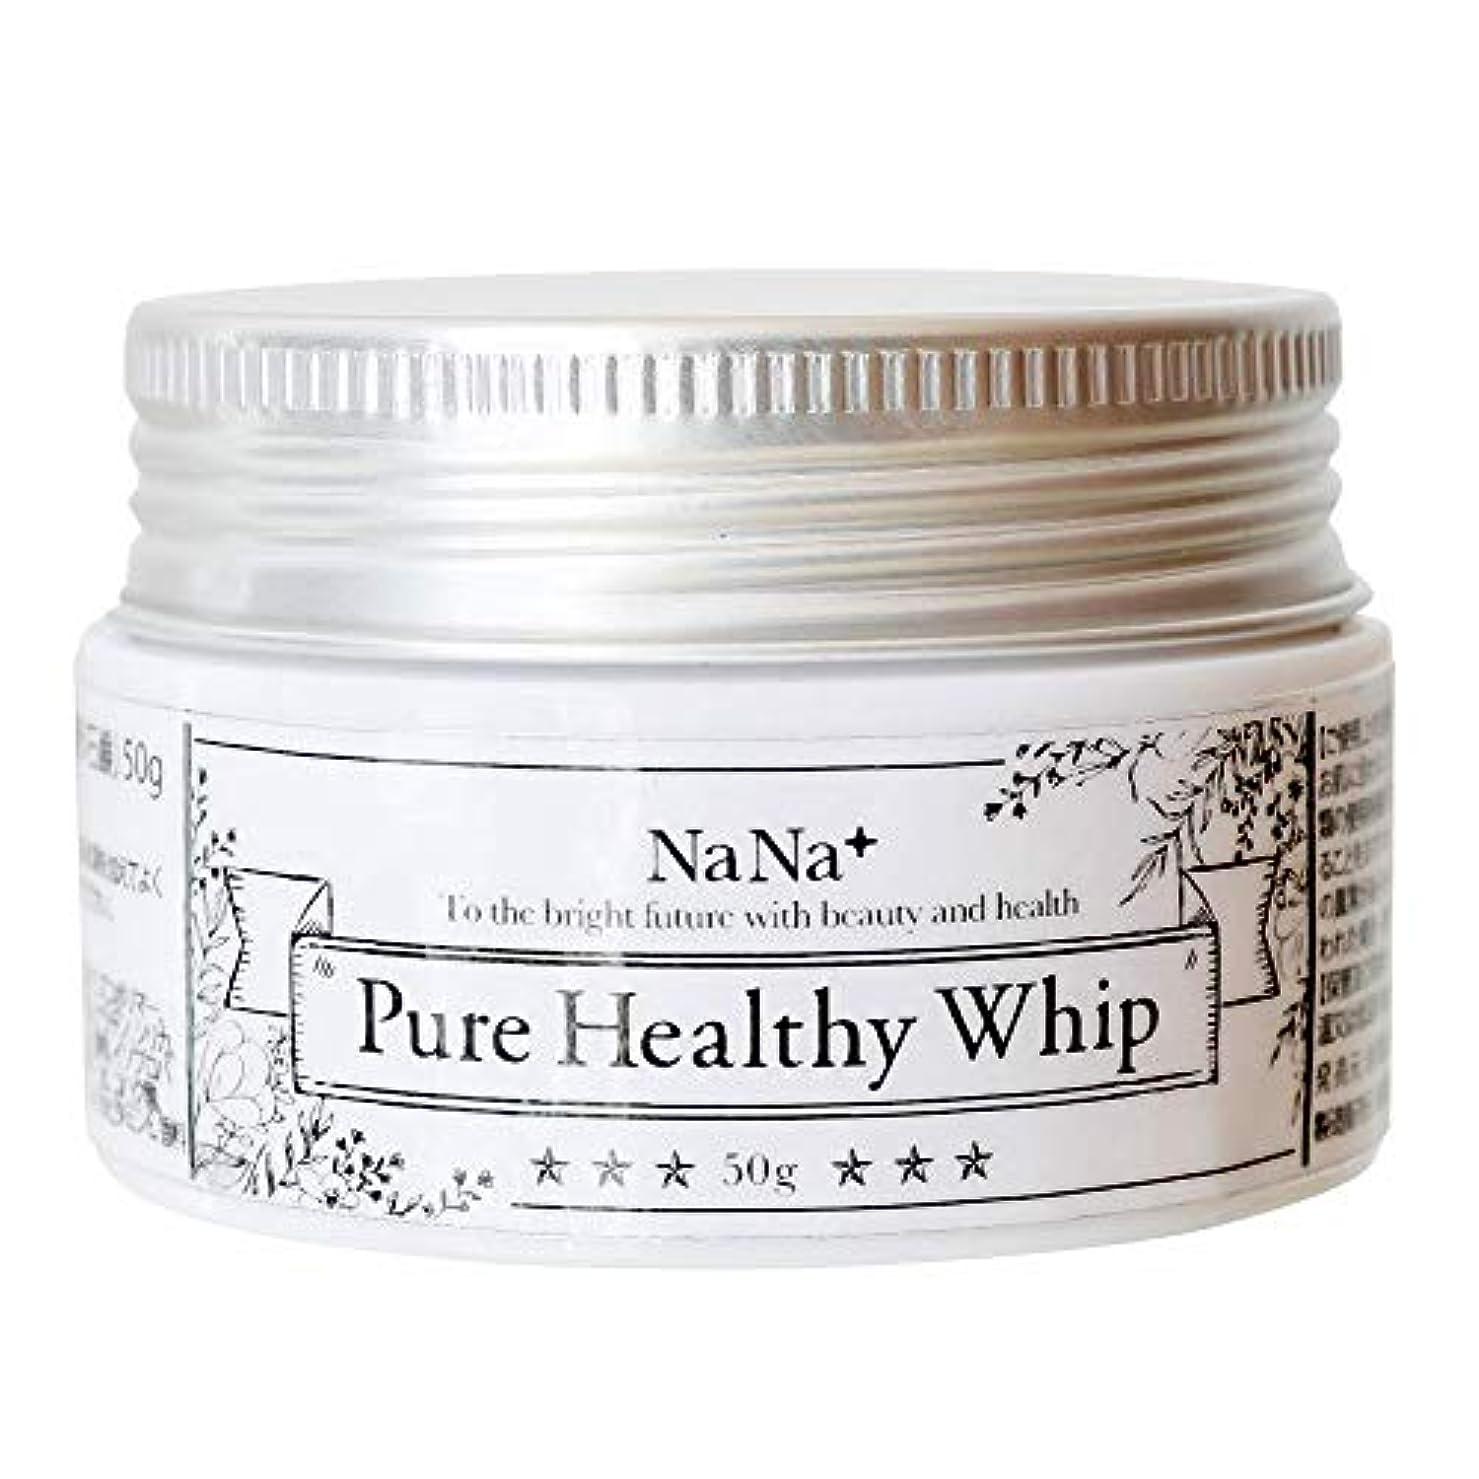 外向き円周シーズン洗顔 生せっけん 敏感肌 乾燥肌 の 毛穴 くすみ 黒ずみ ケア 肌に優しい無添加  nana+ピュアヘルシーホイップ